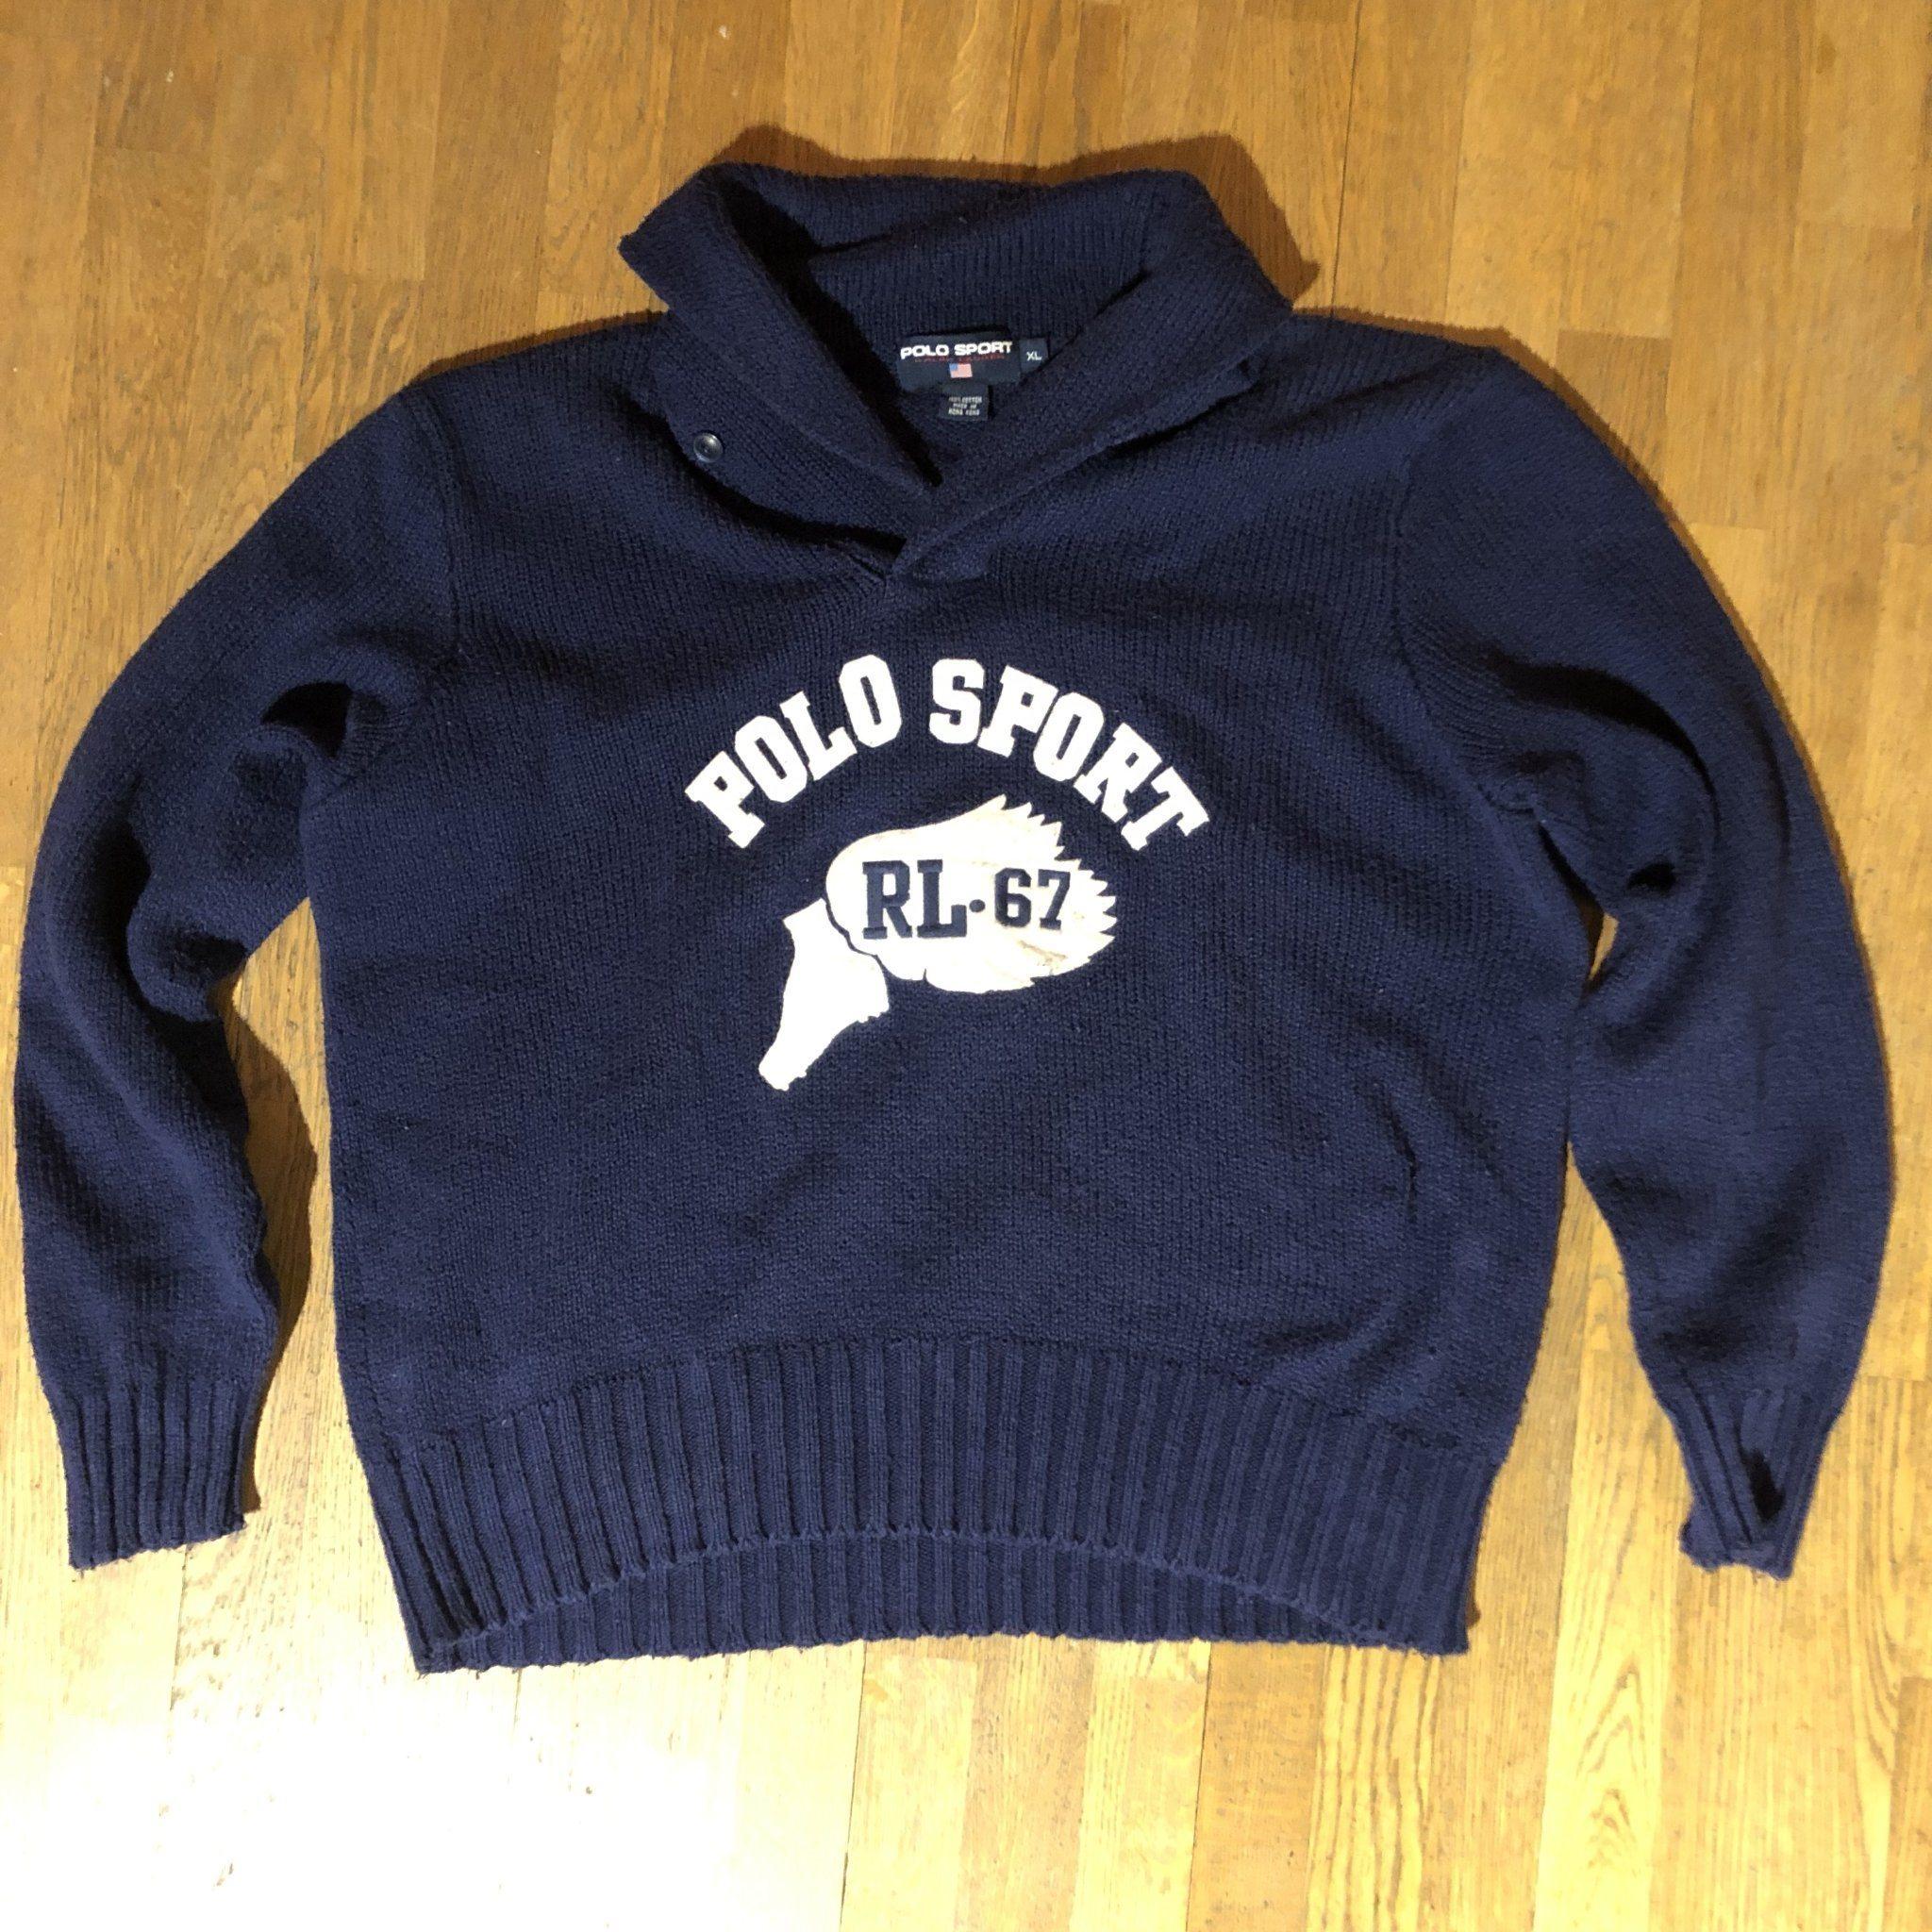 polo sport tröja